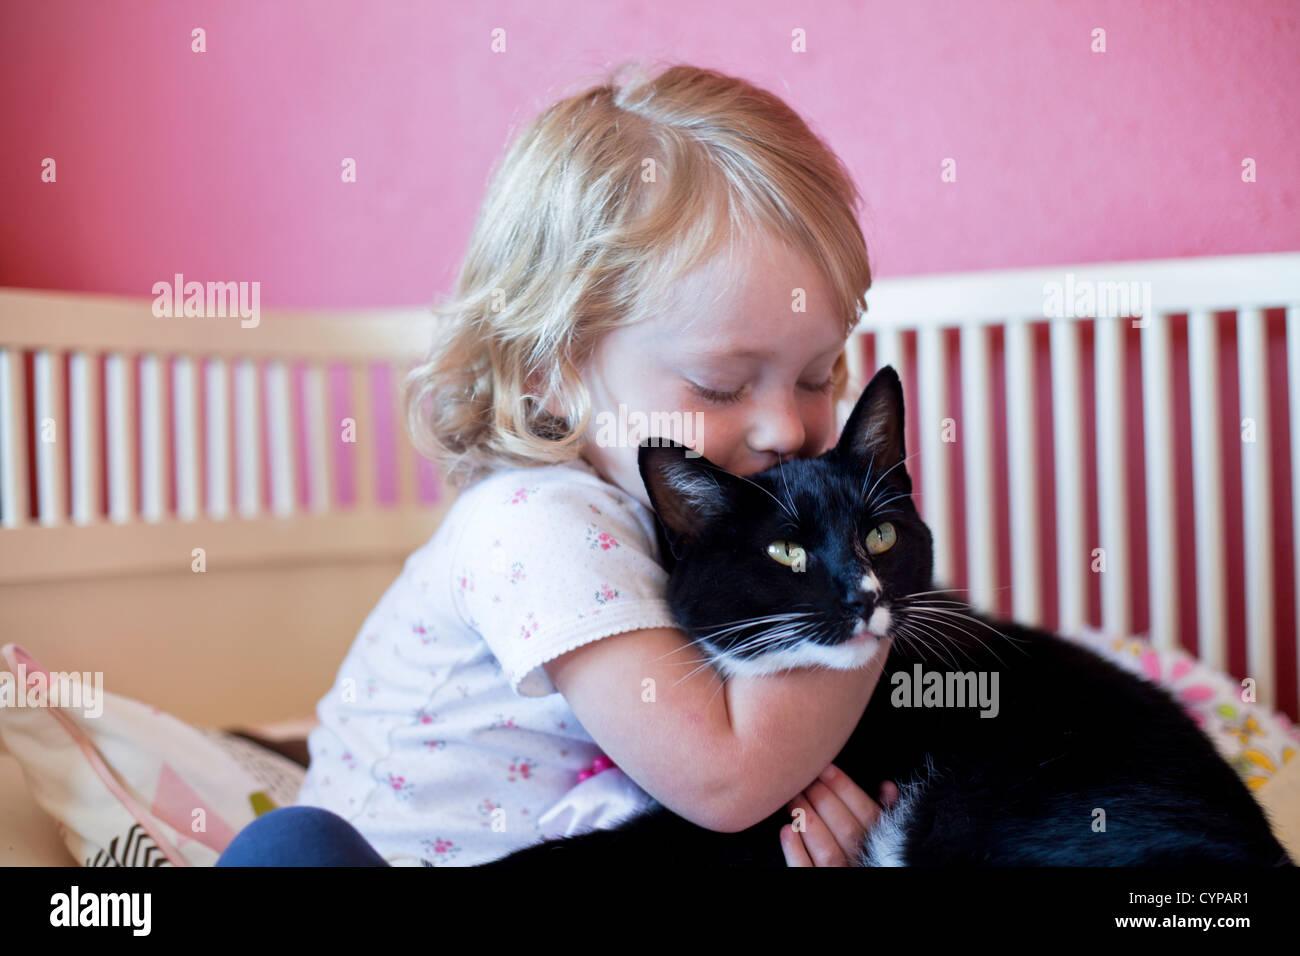 Toddler girl abraçando seu cat. Imagens de Stock